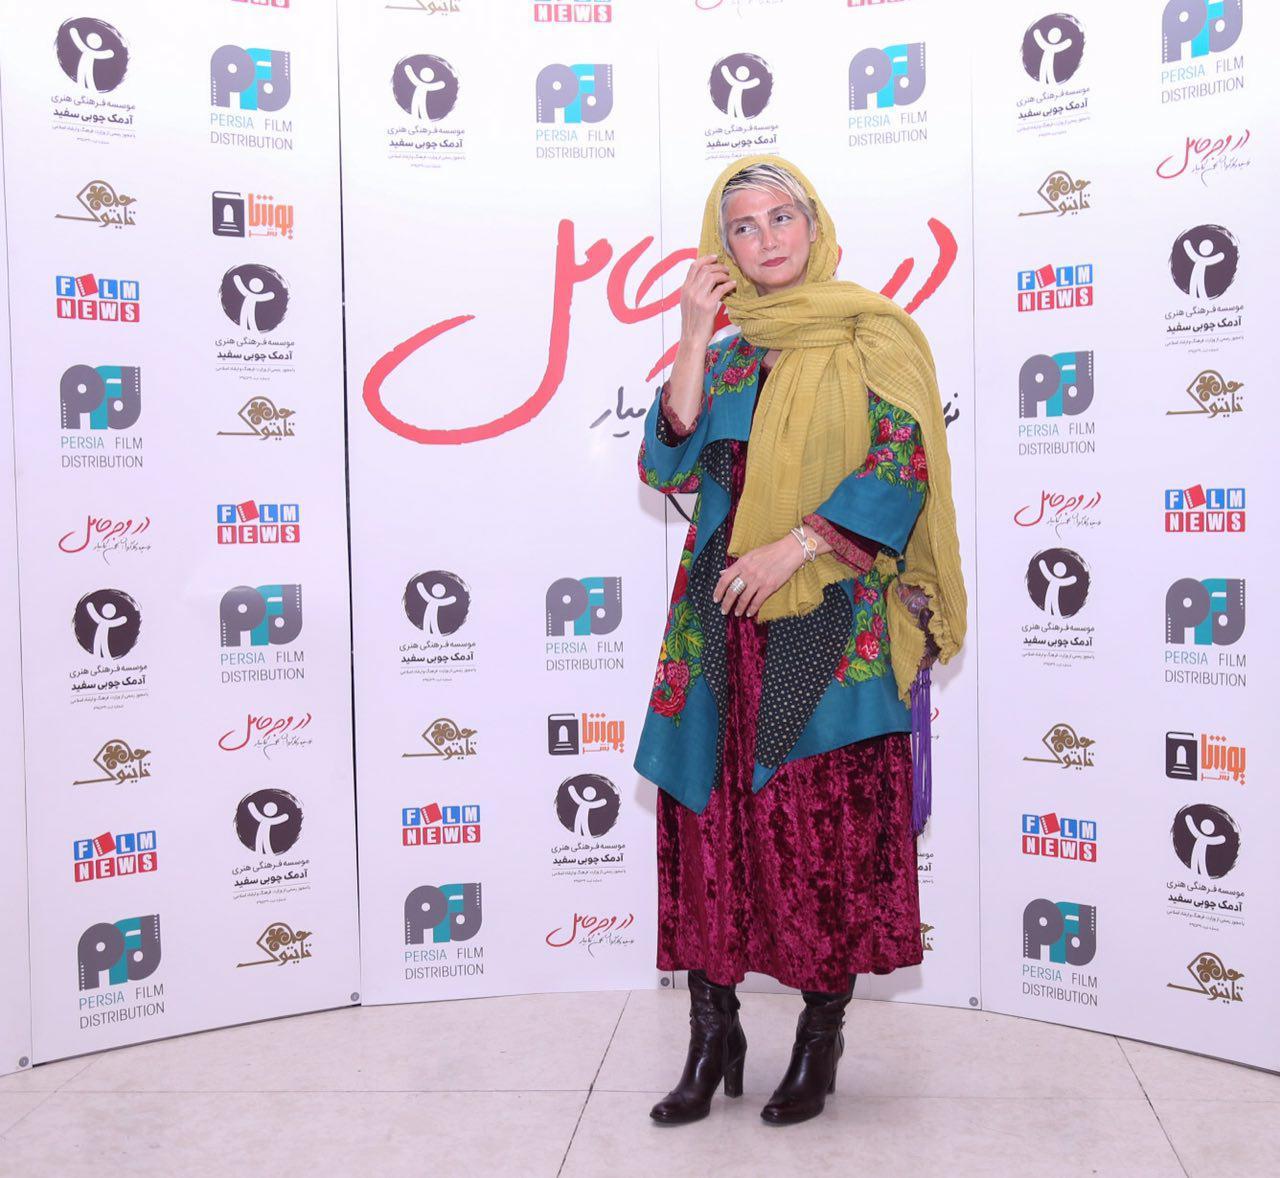 رویا جاوید نیا در اکران افتتاحیه فیلم سینمایی در وجه حامل